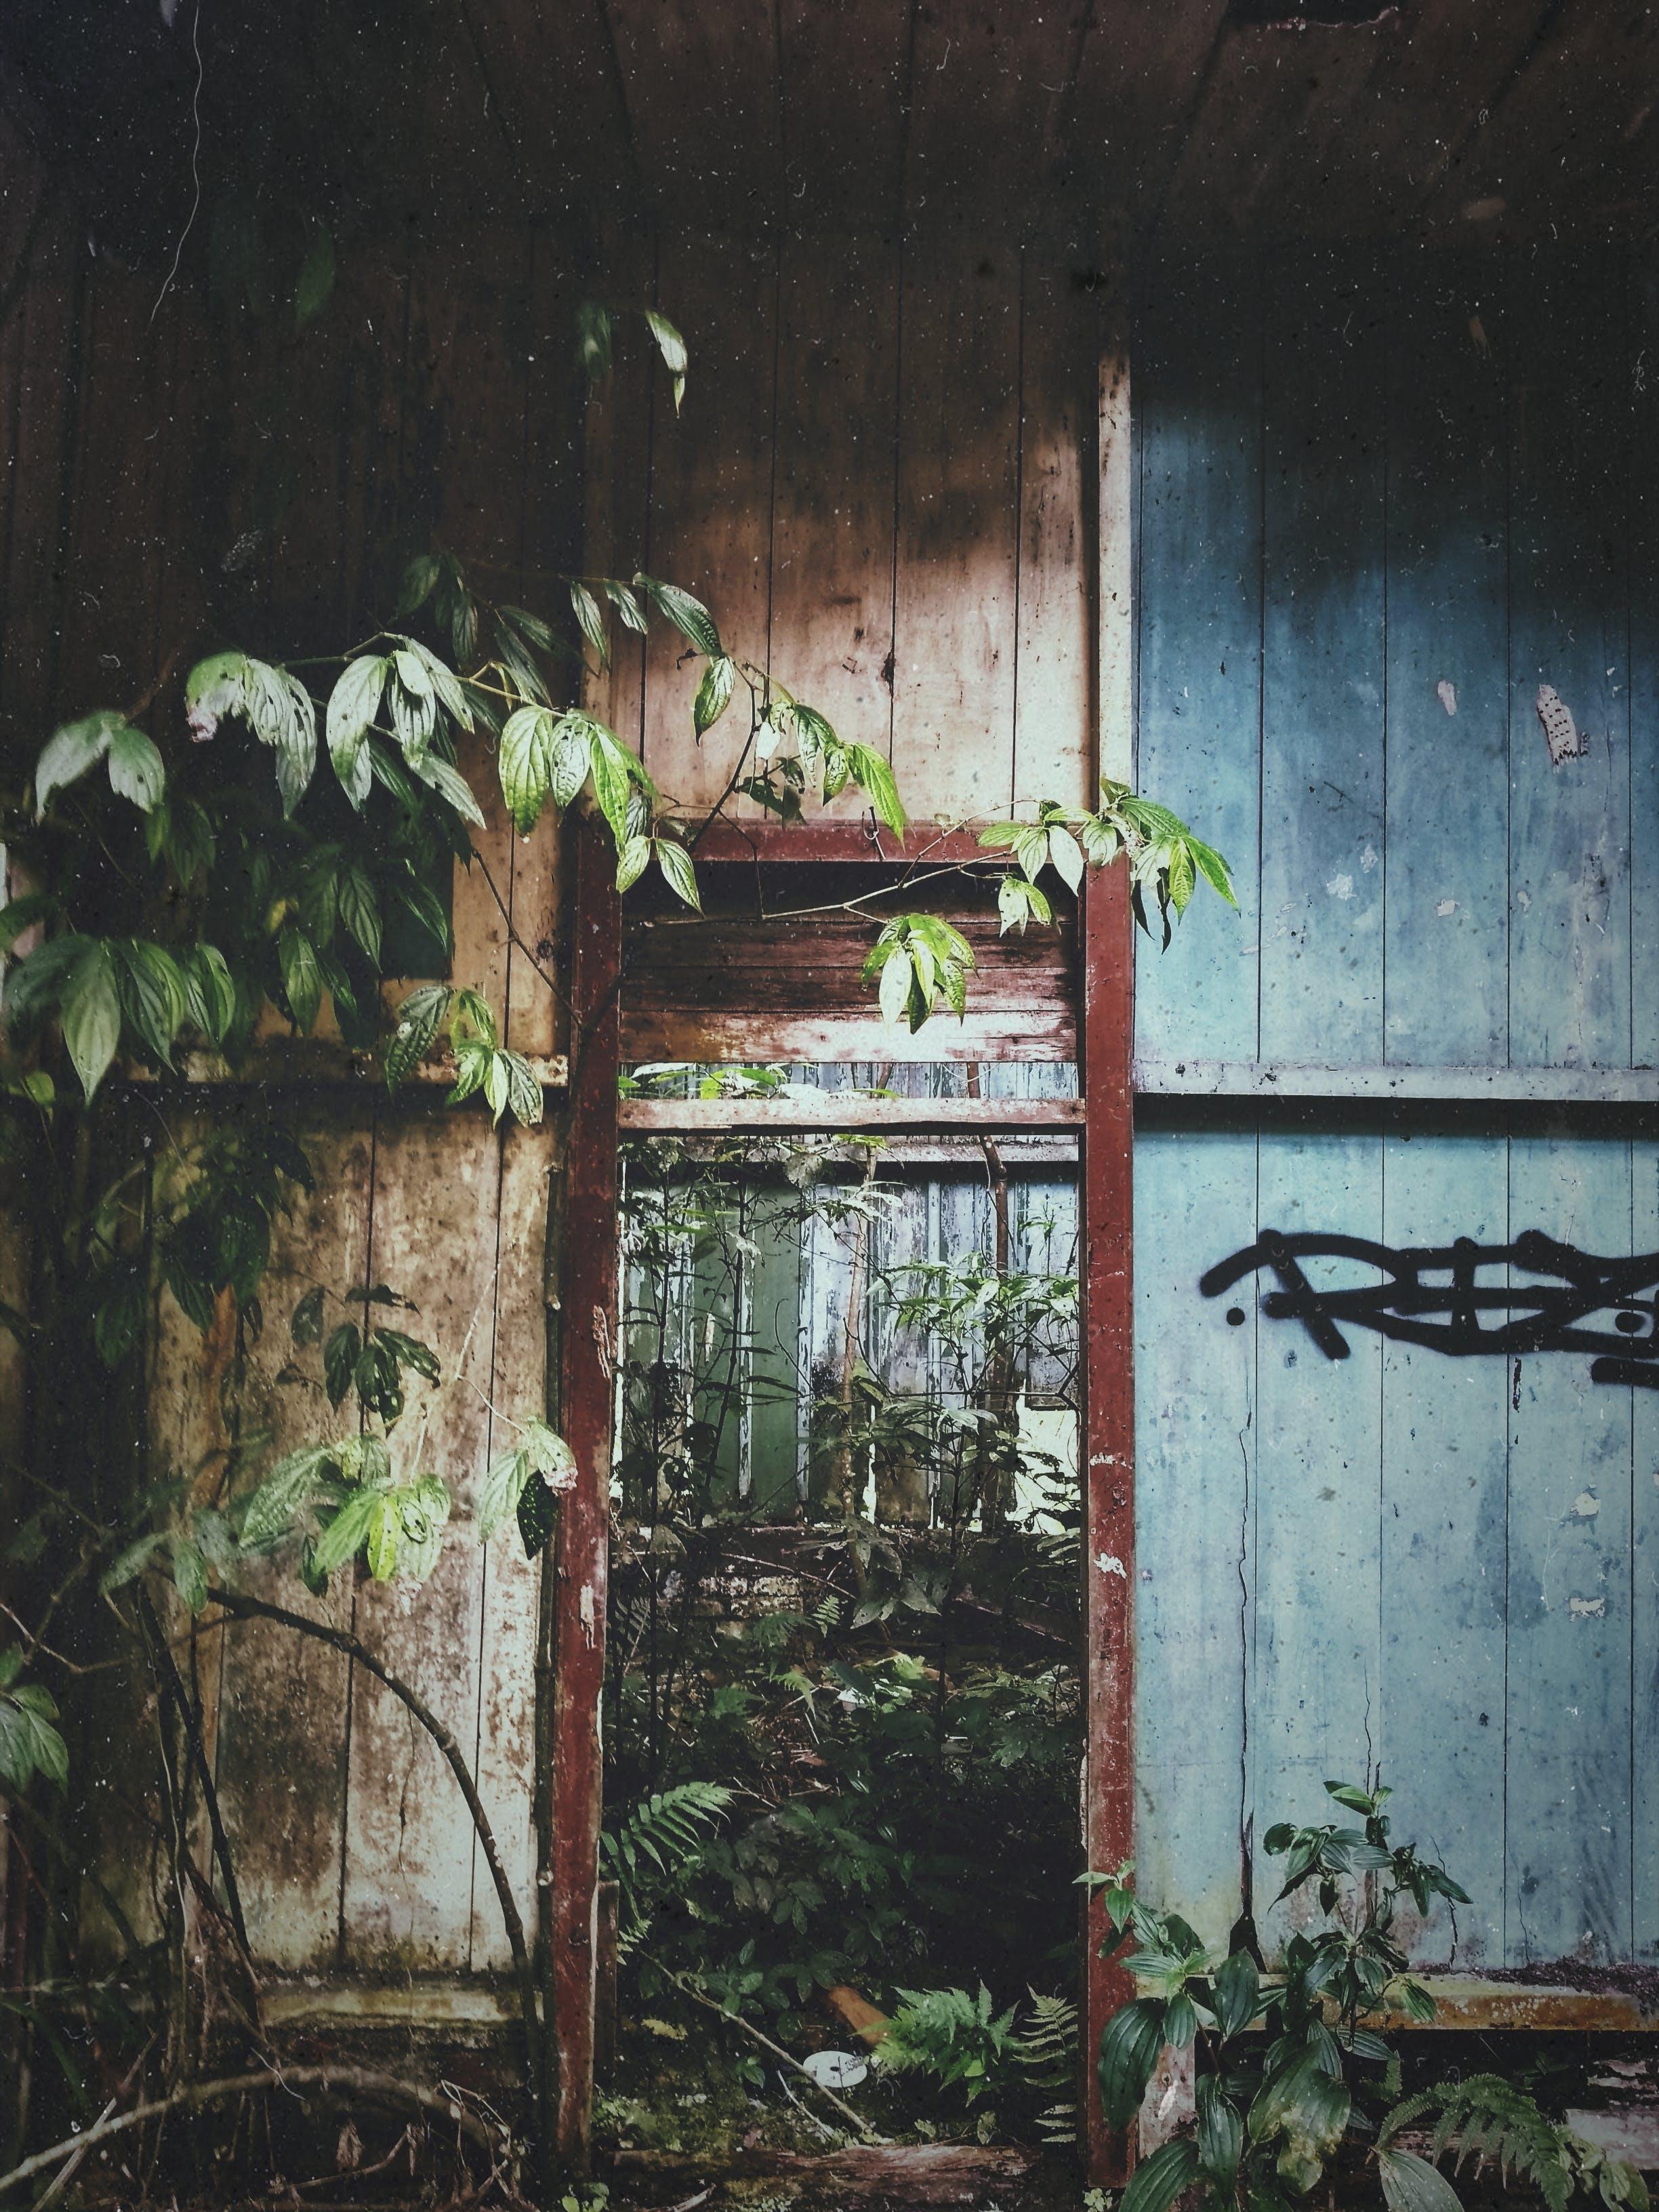 Δωρεάν στοκ φωτογραφιών με αγροτικός, ανατριχιαστικός, αποσύνθεση, αρχιτεκτονική